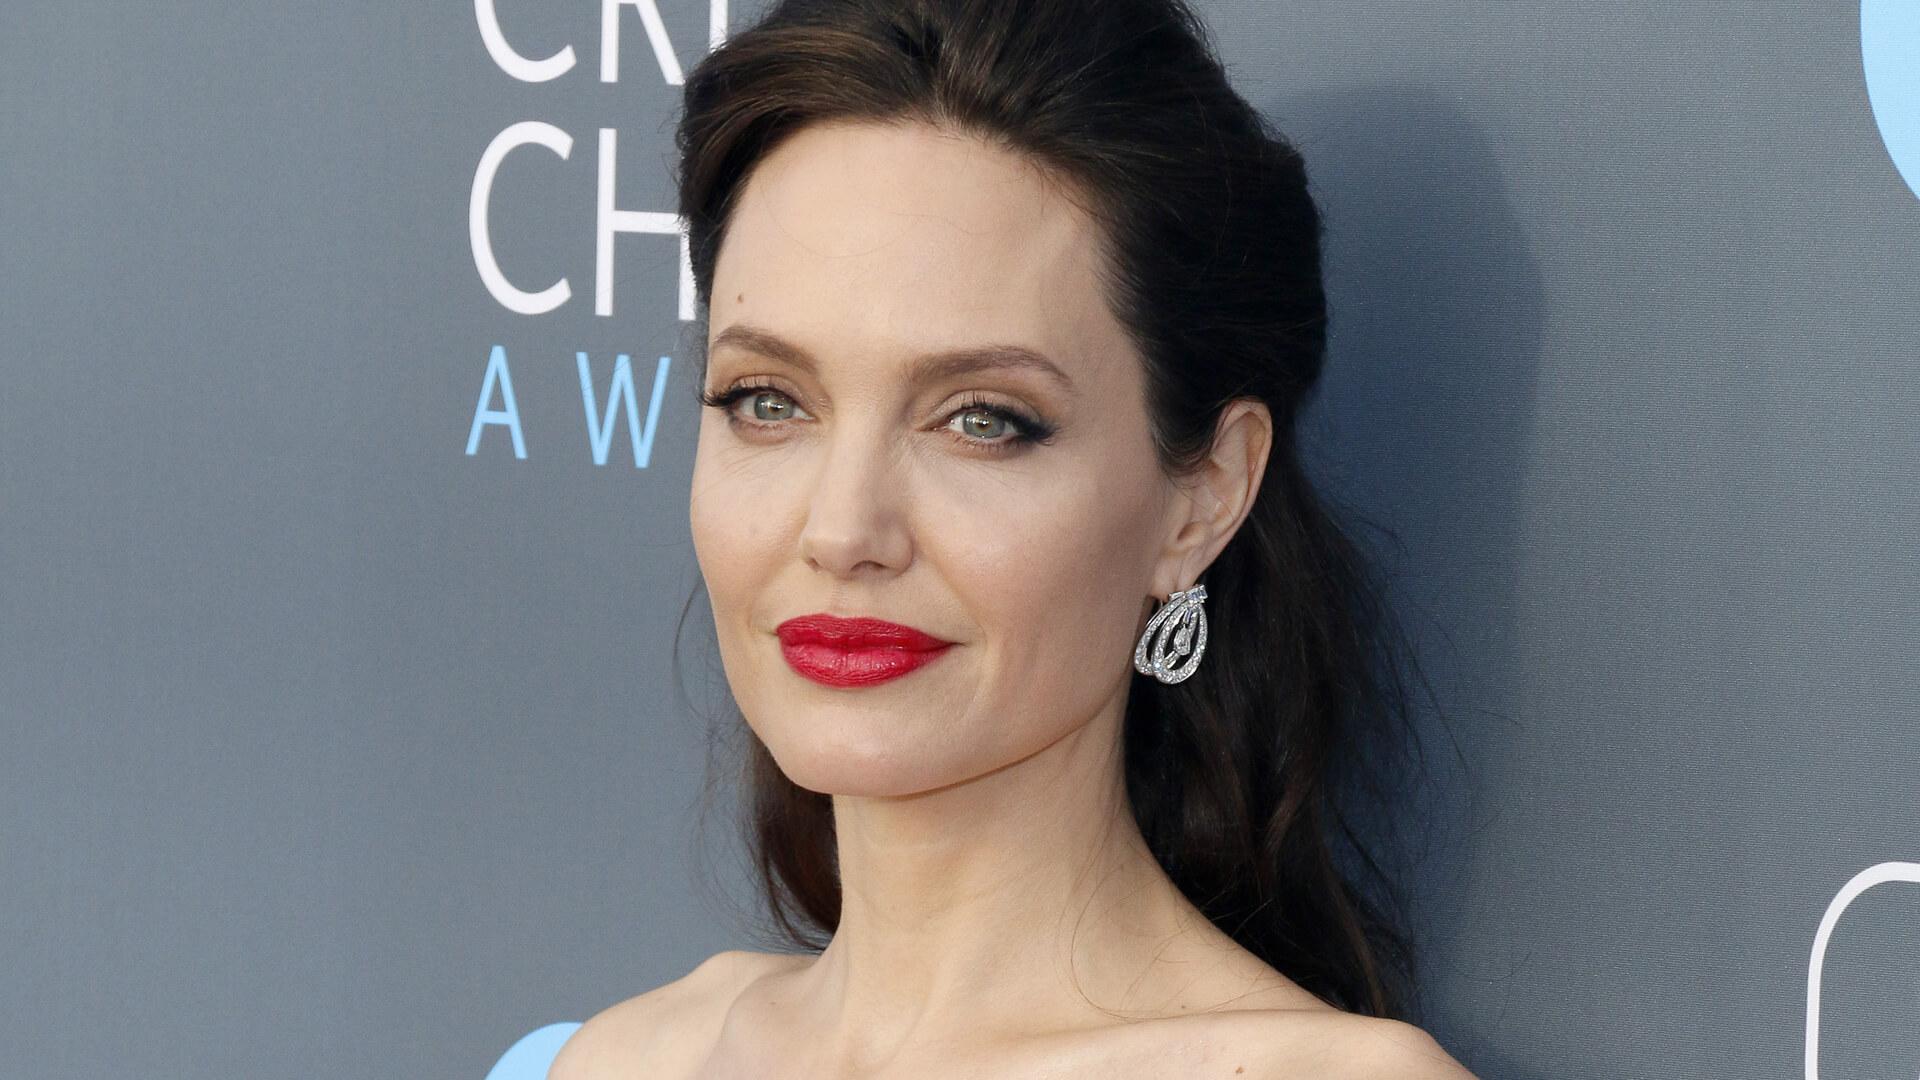 Angelina Jolie To Star In Revenge Thriller The Kept Film